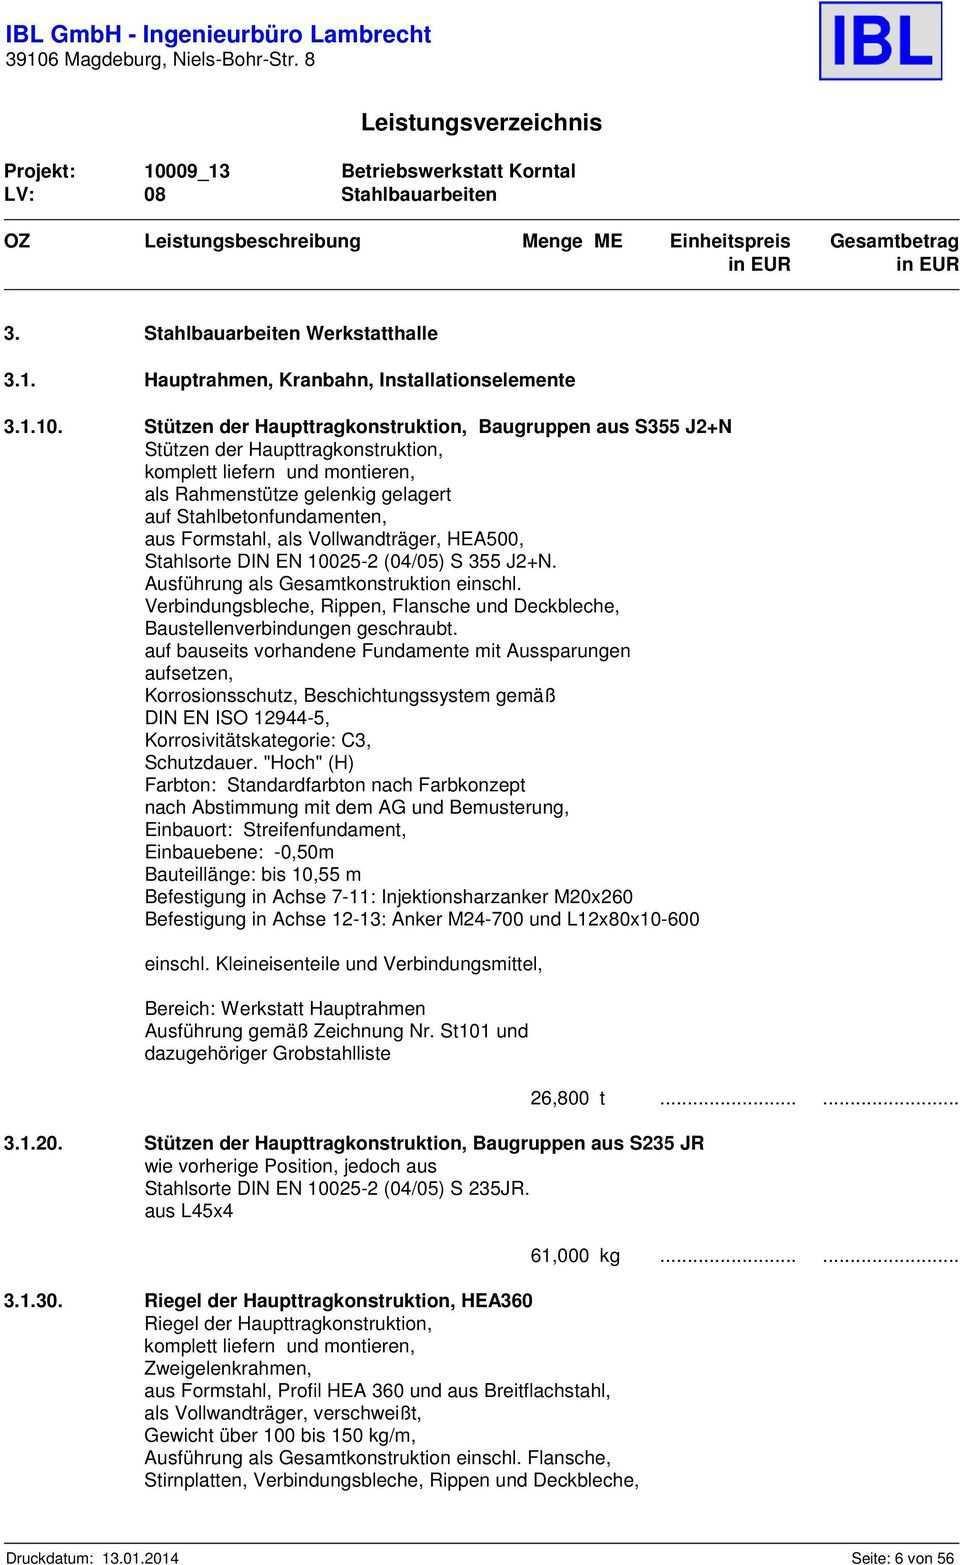 Leistungsverzeichnis Fur Die Vergabeeinheit 08 Stahlbauarbeiten Pdf Free Download